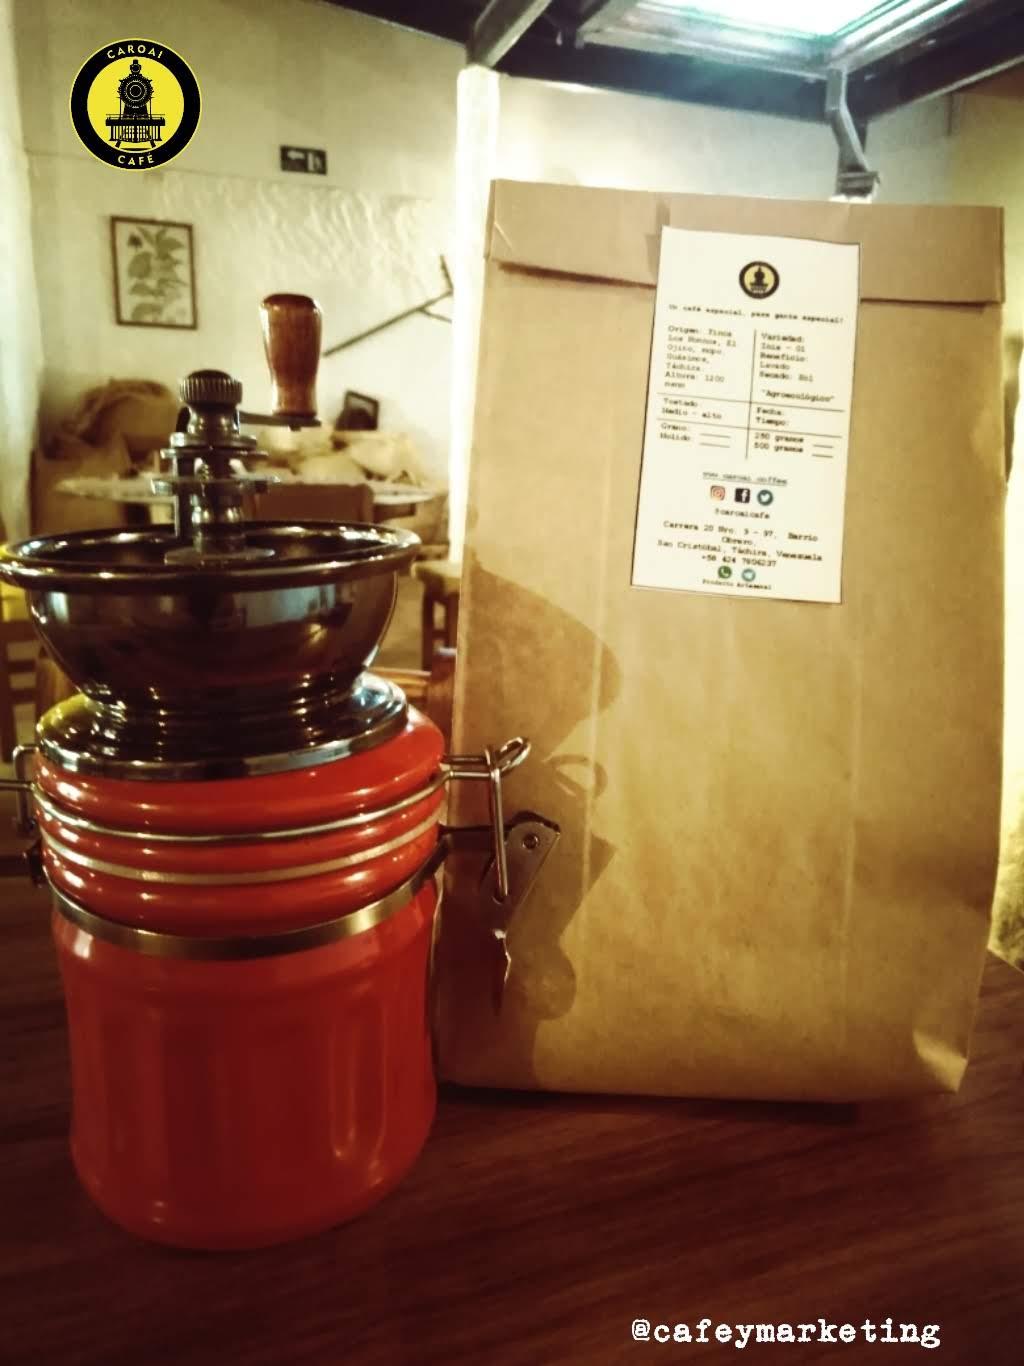 Molino de café manual, casero con una presentación de café tostado de Caroai Café